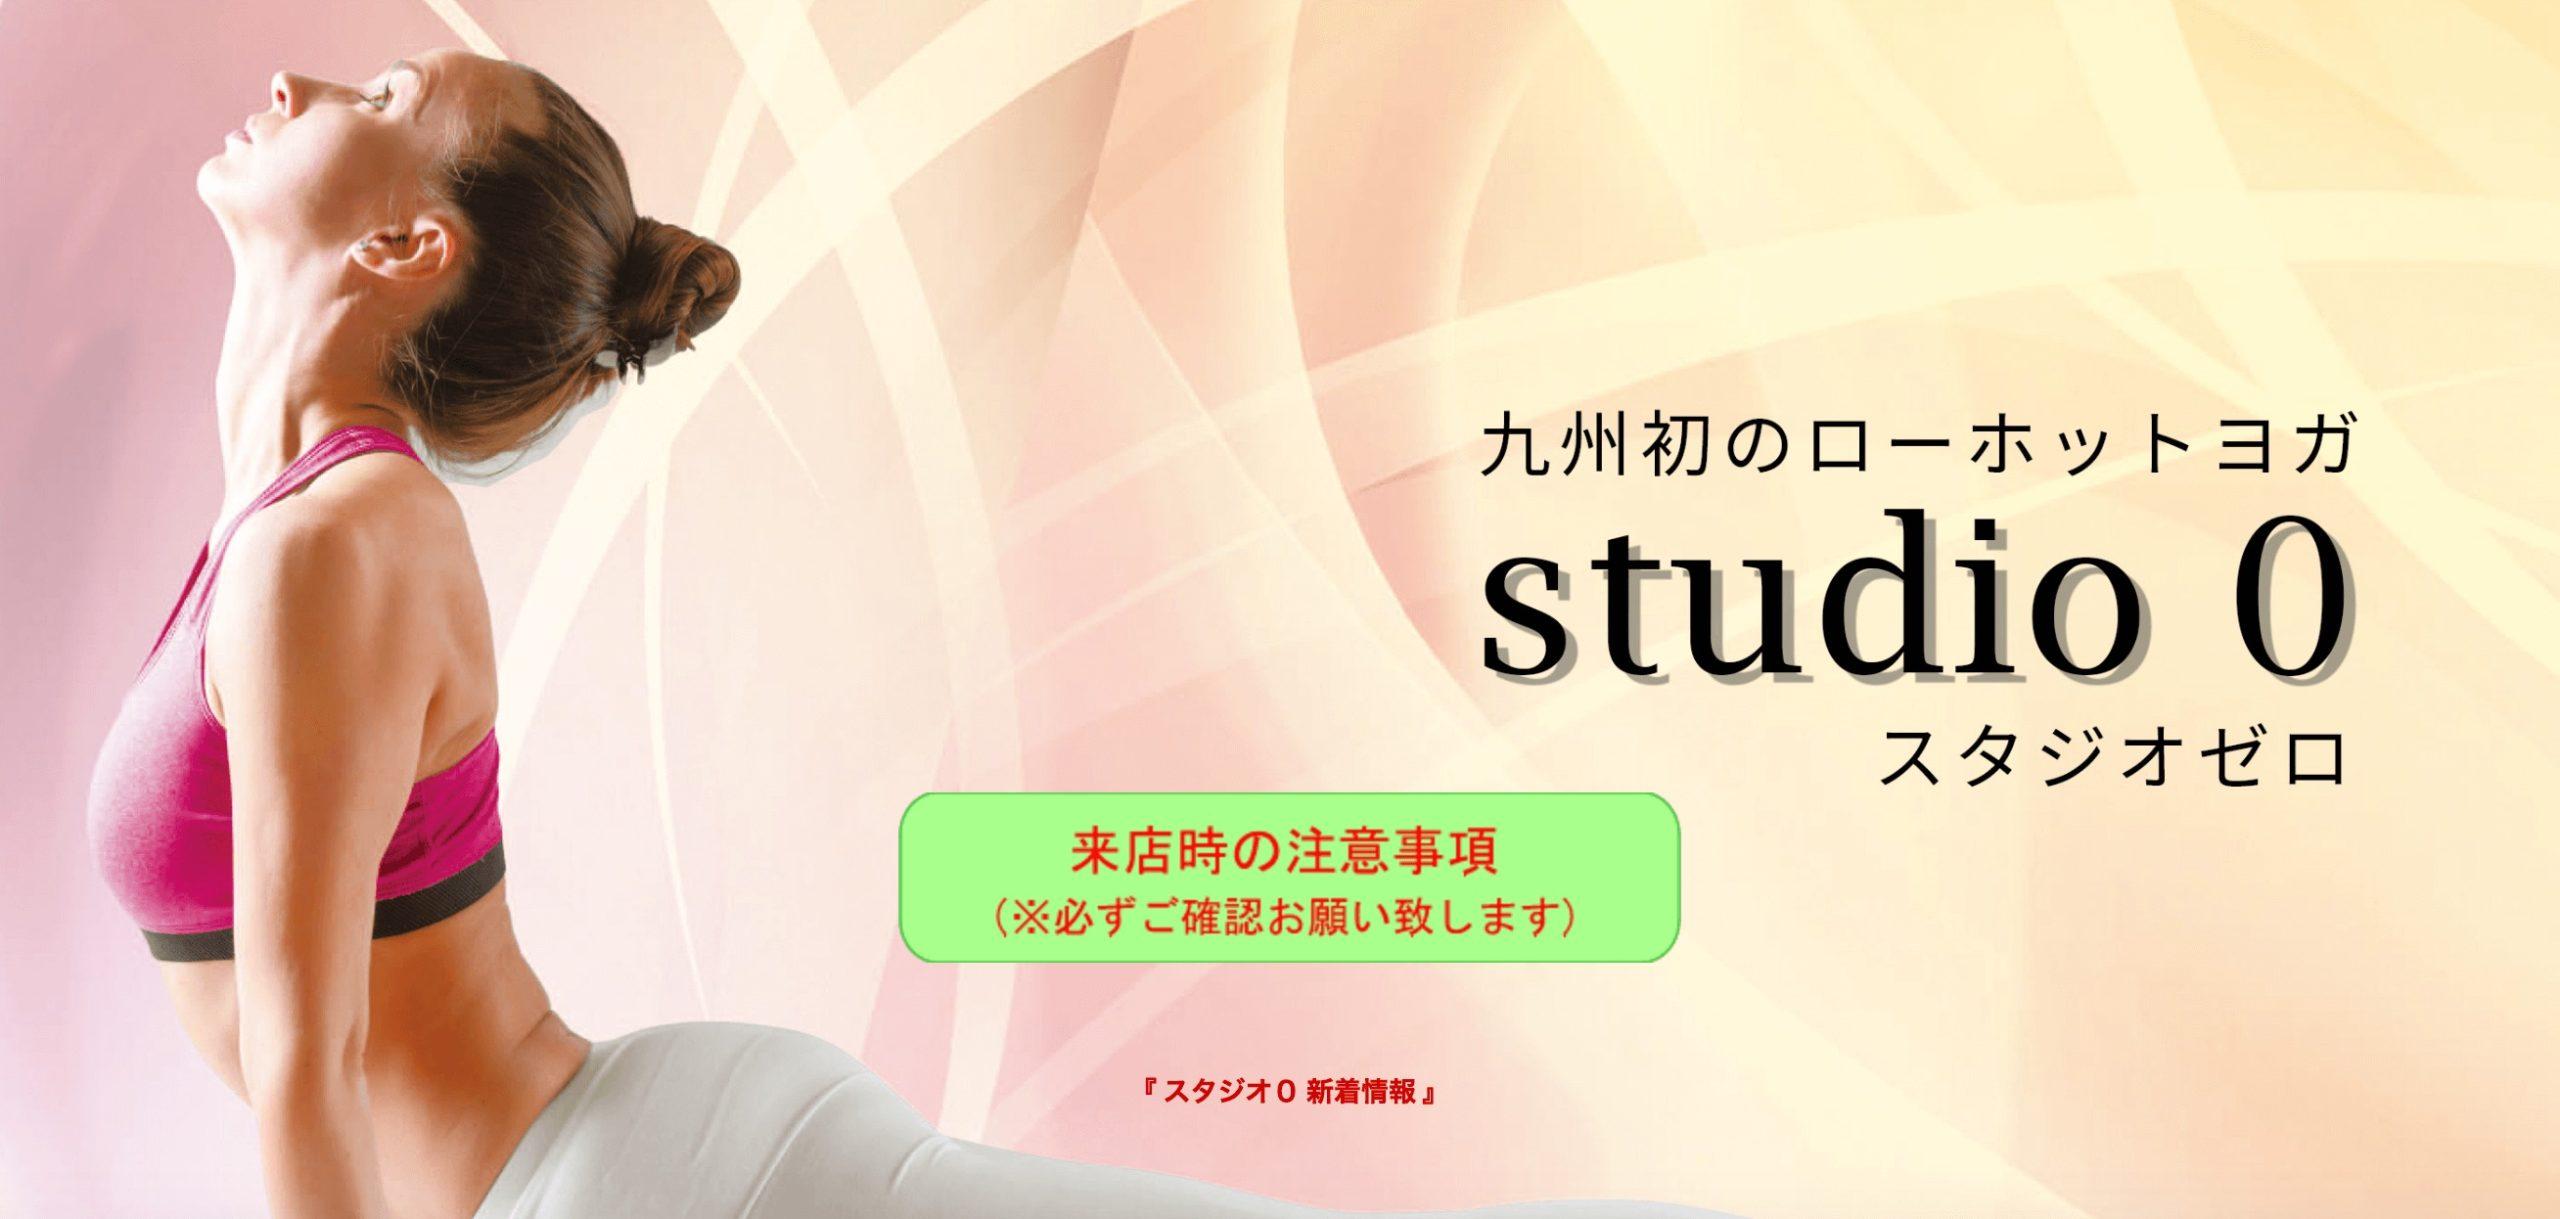 【おすすめ順】福岡・博多のホットヨガスタジオ5選